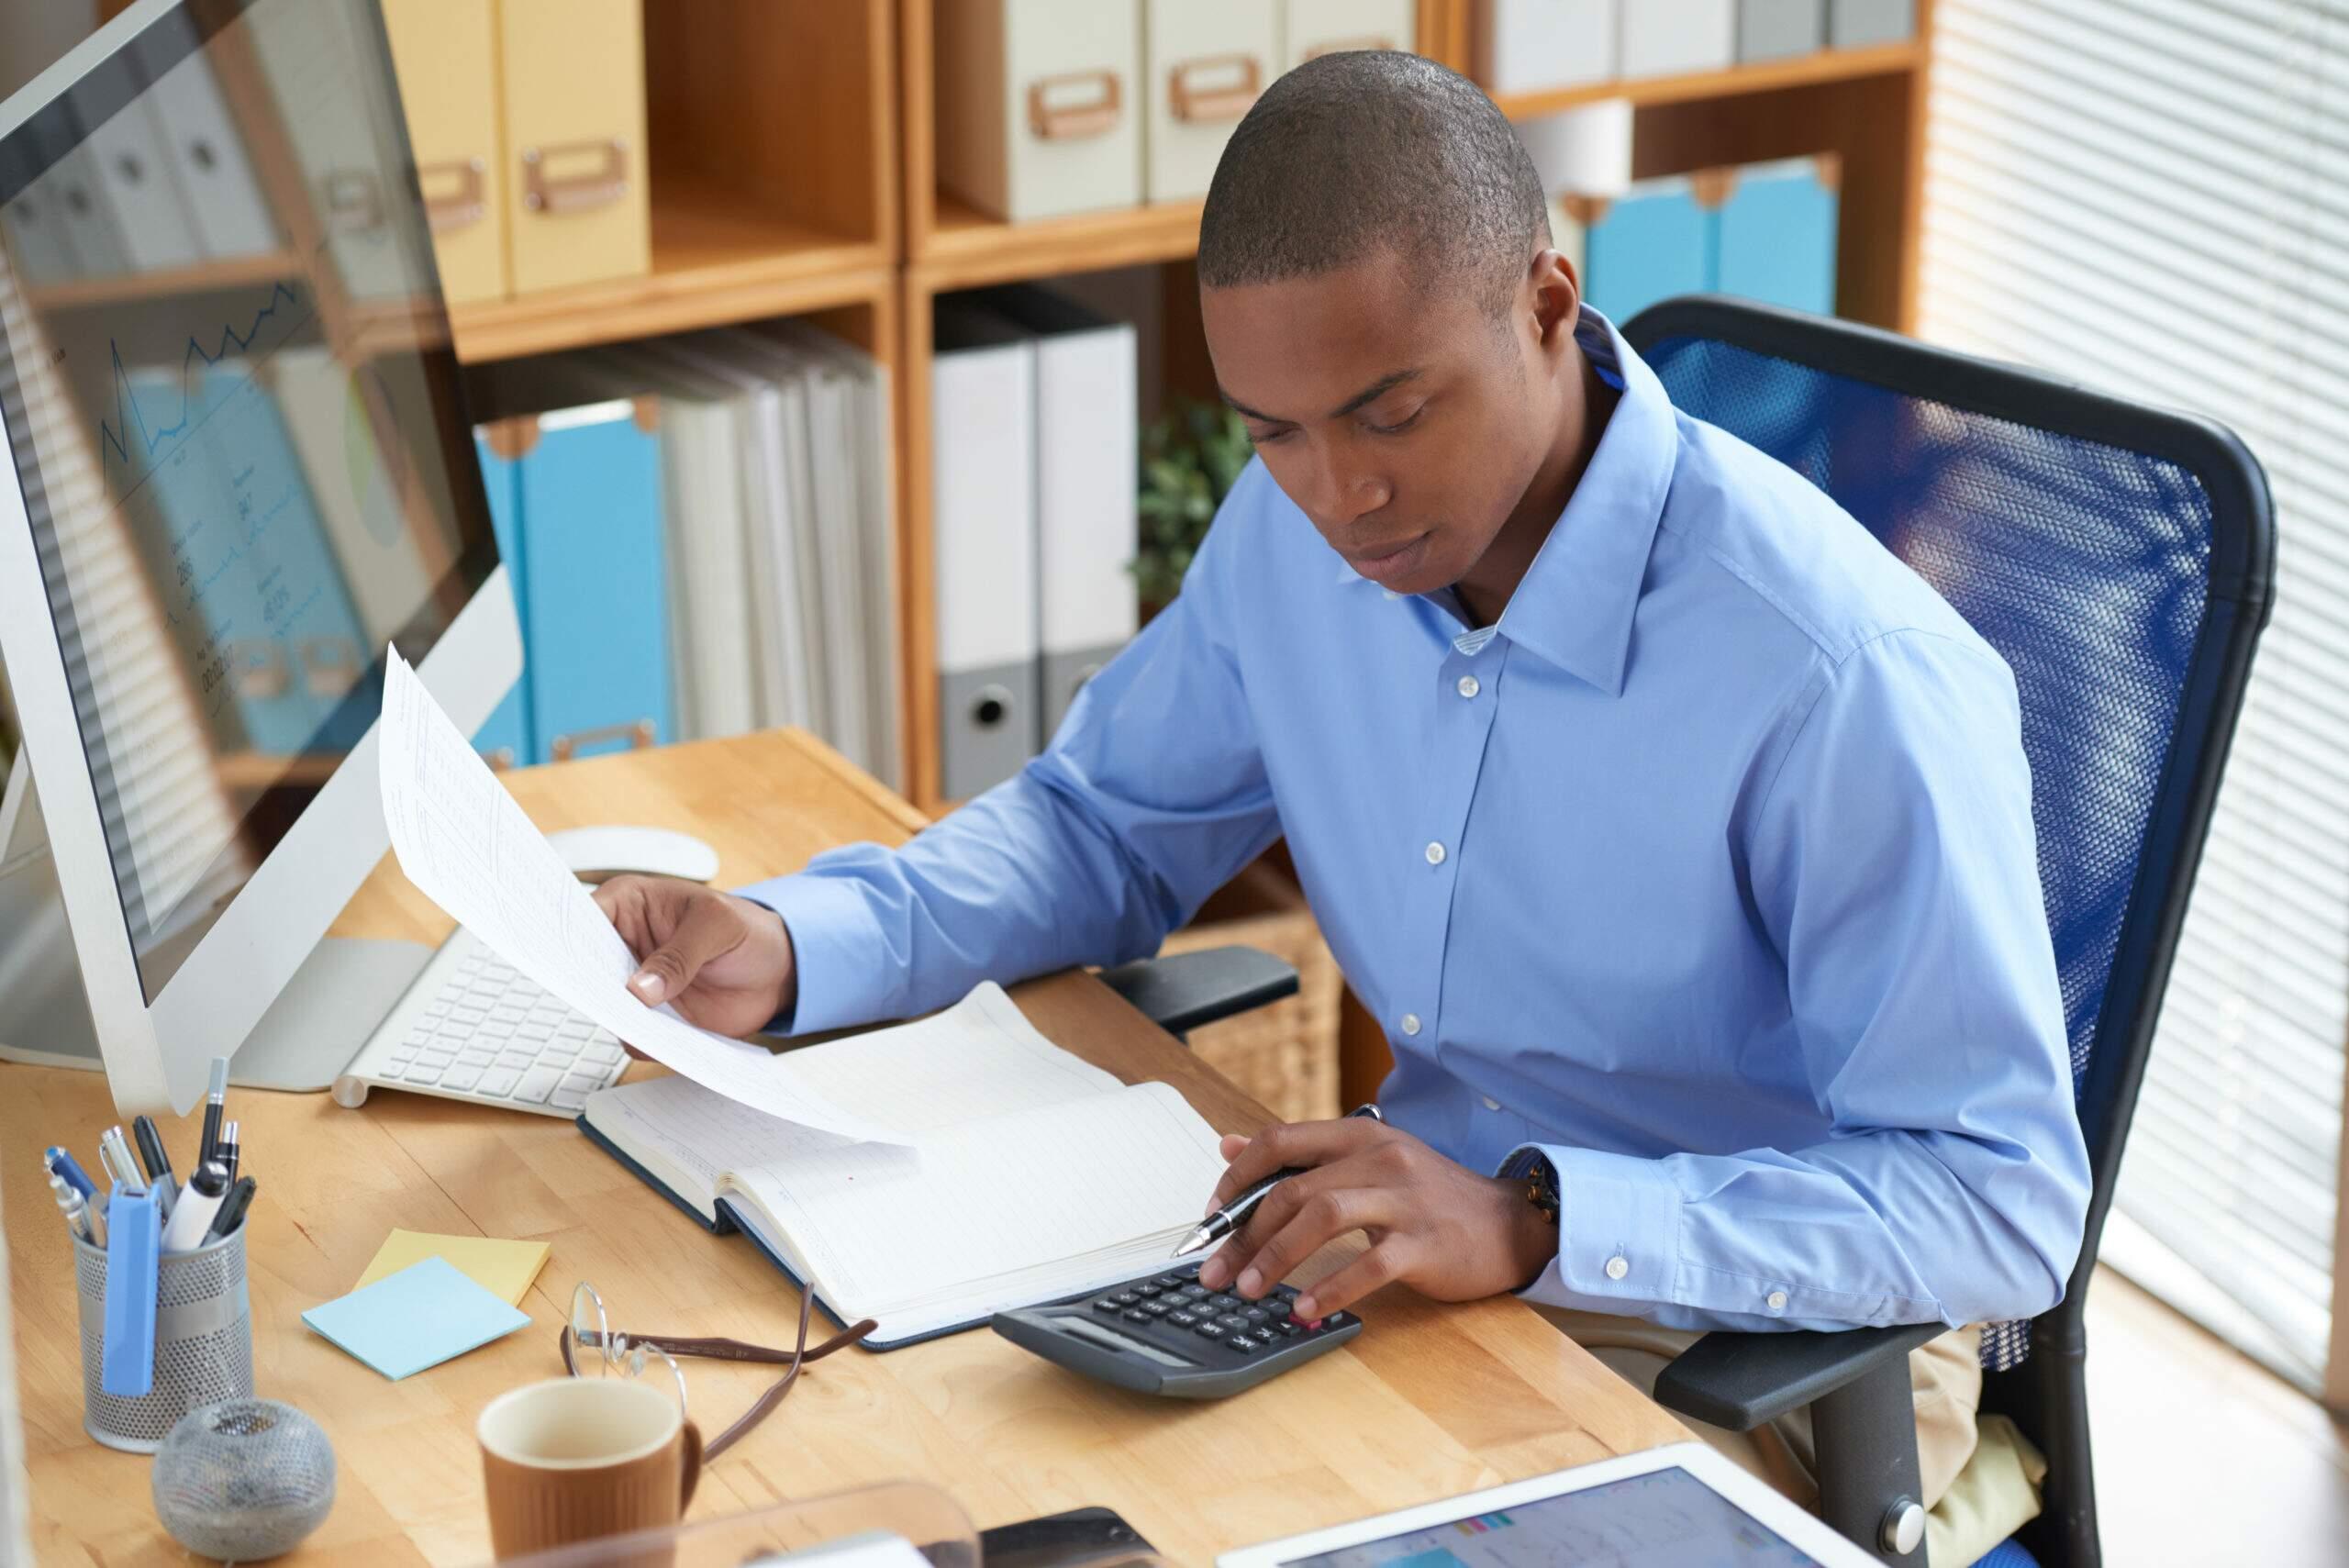 Cinco competências profissionais que todo contador deve buscar